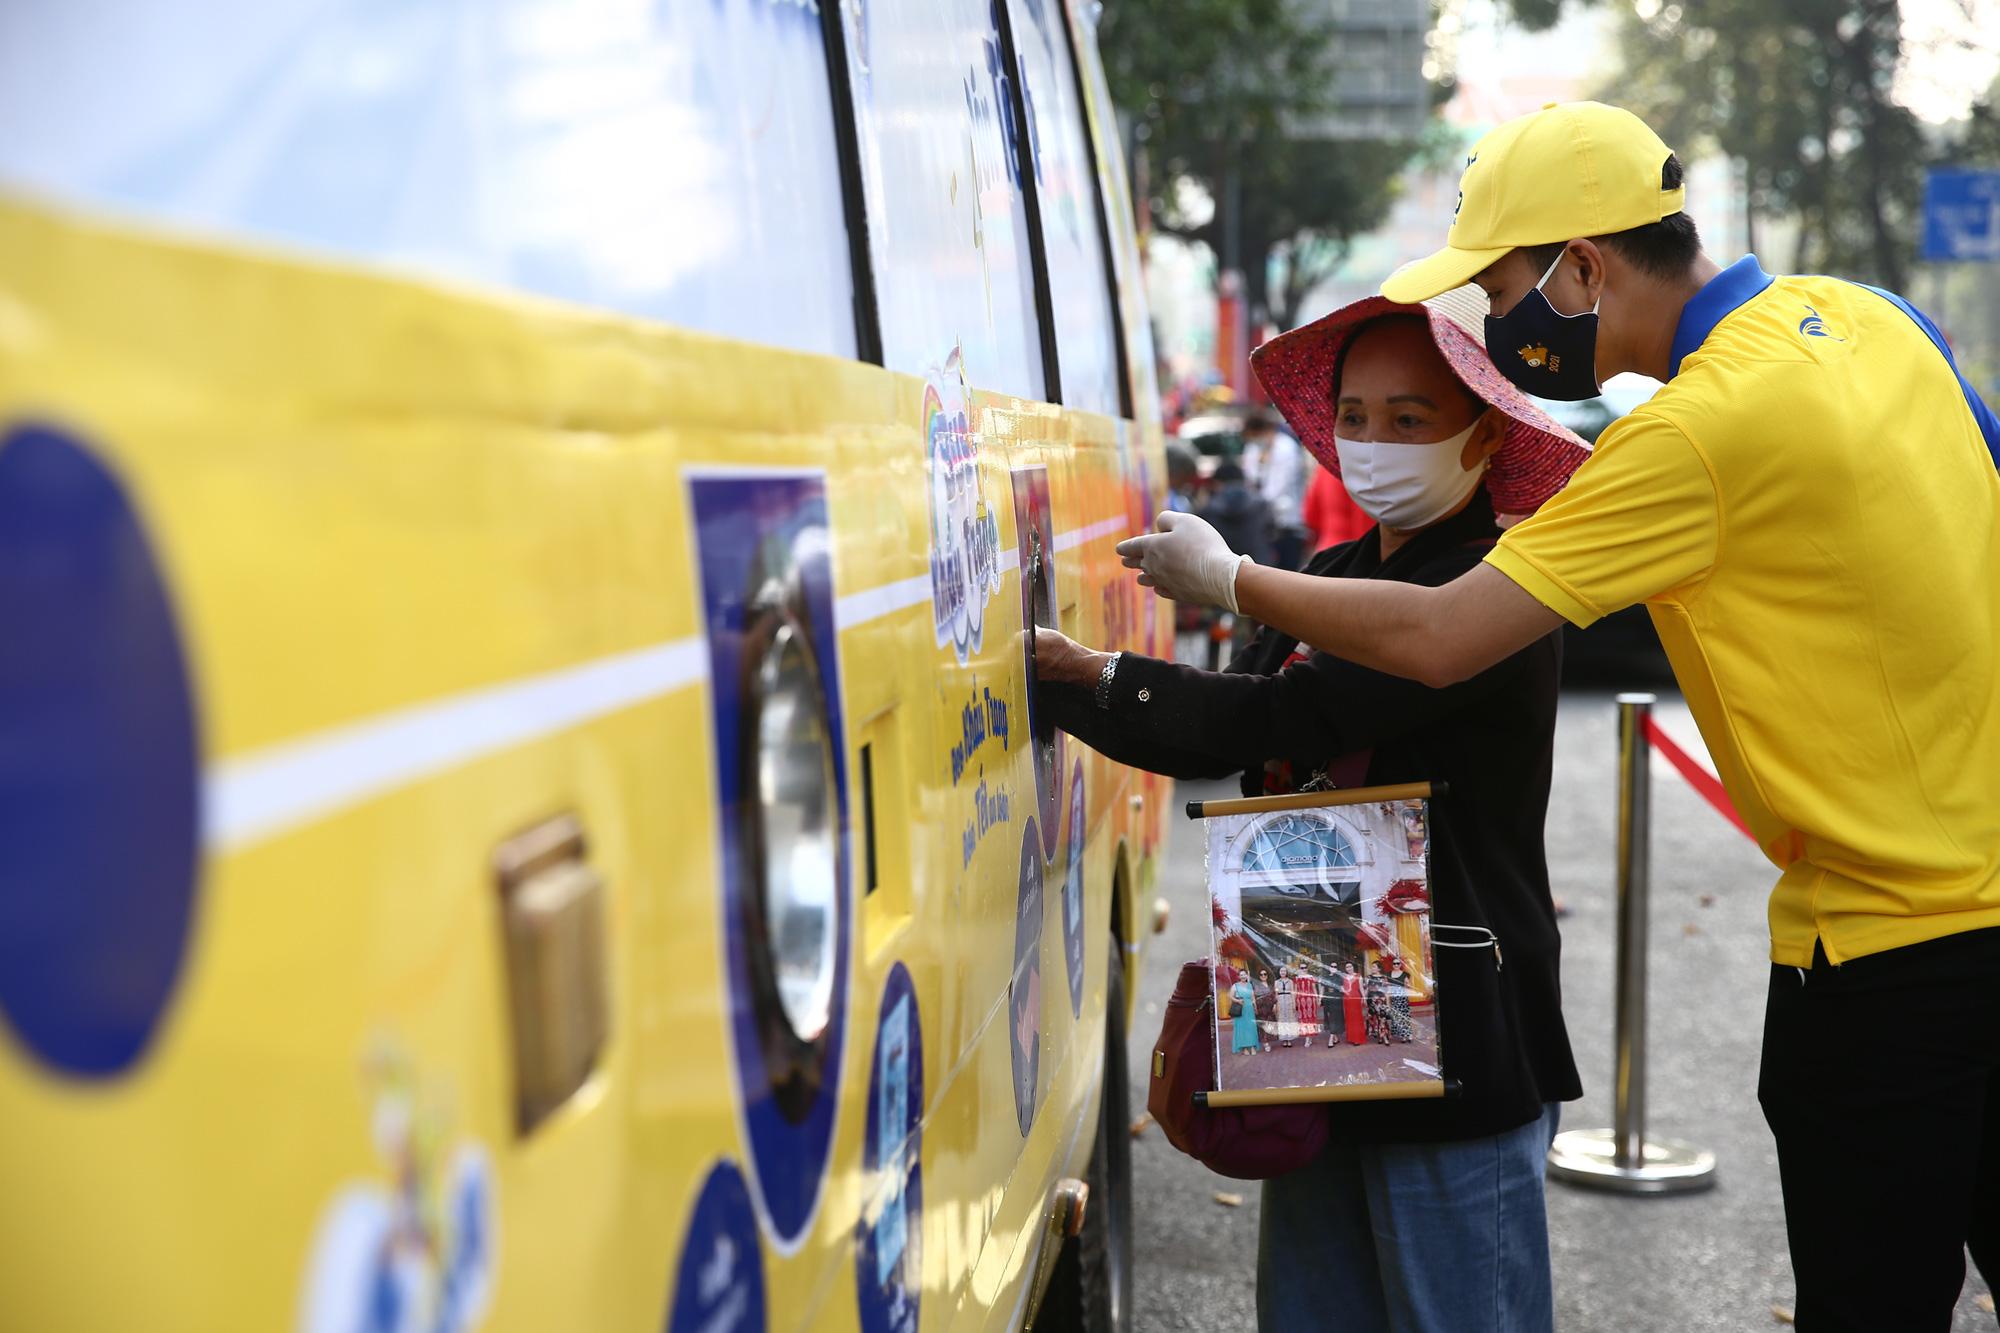 TP.HCM: Xuất hiện chiếc xe buýt vàng khè phát khẩu trang miễn phí như ATM gạo - Ảnh 7.